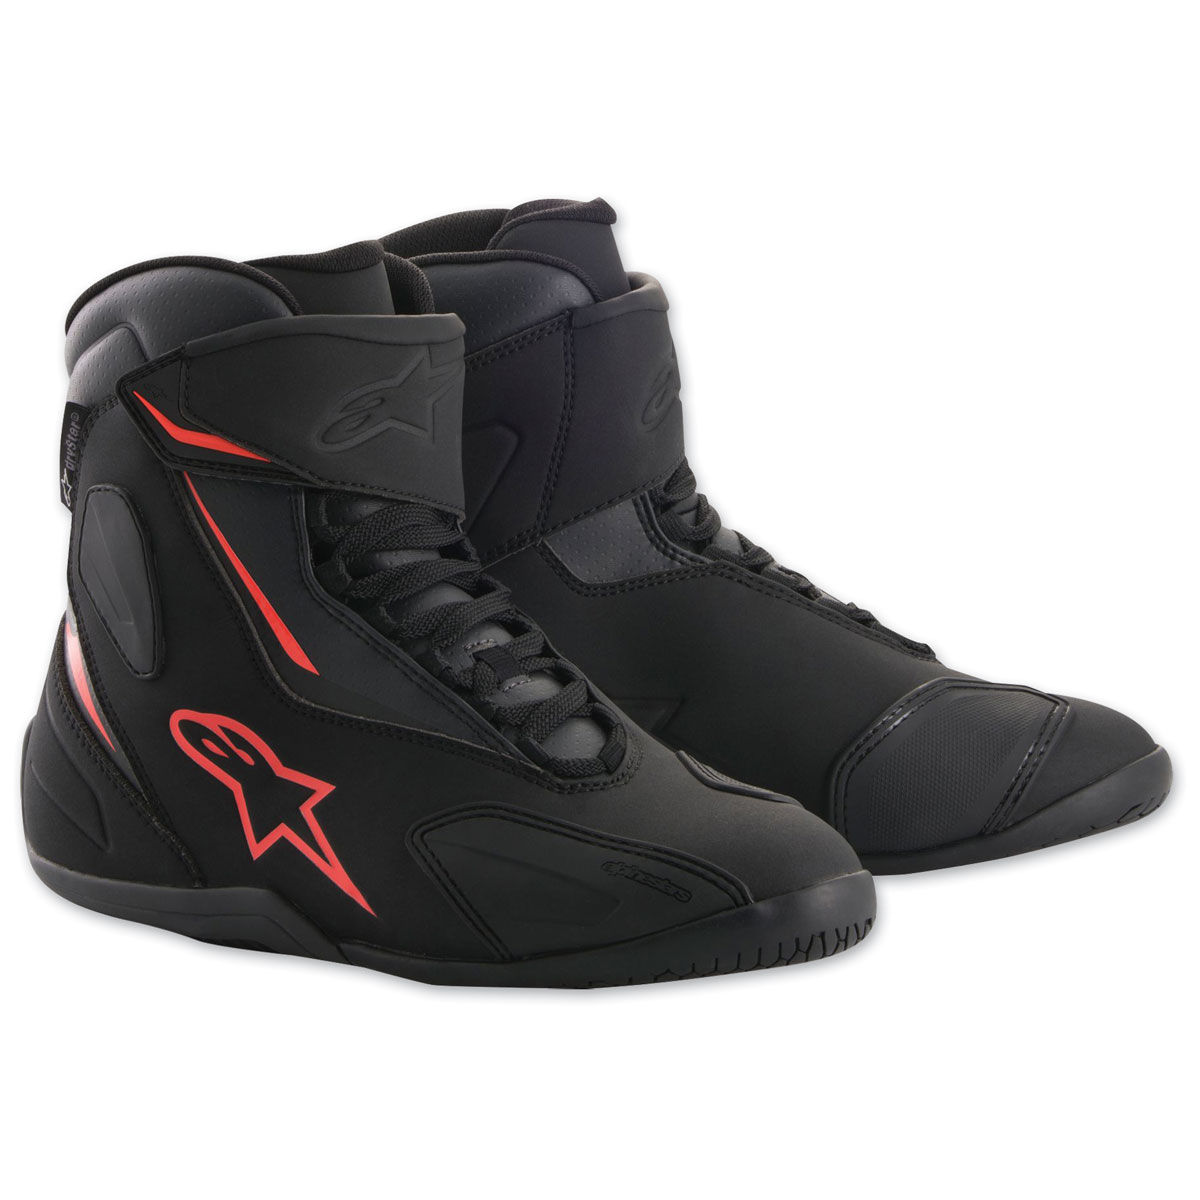 Alpinestars Men's Fastback-2 Drystar Black/Red Shoes